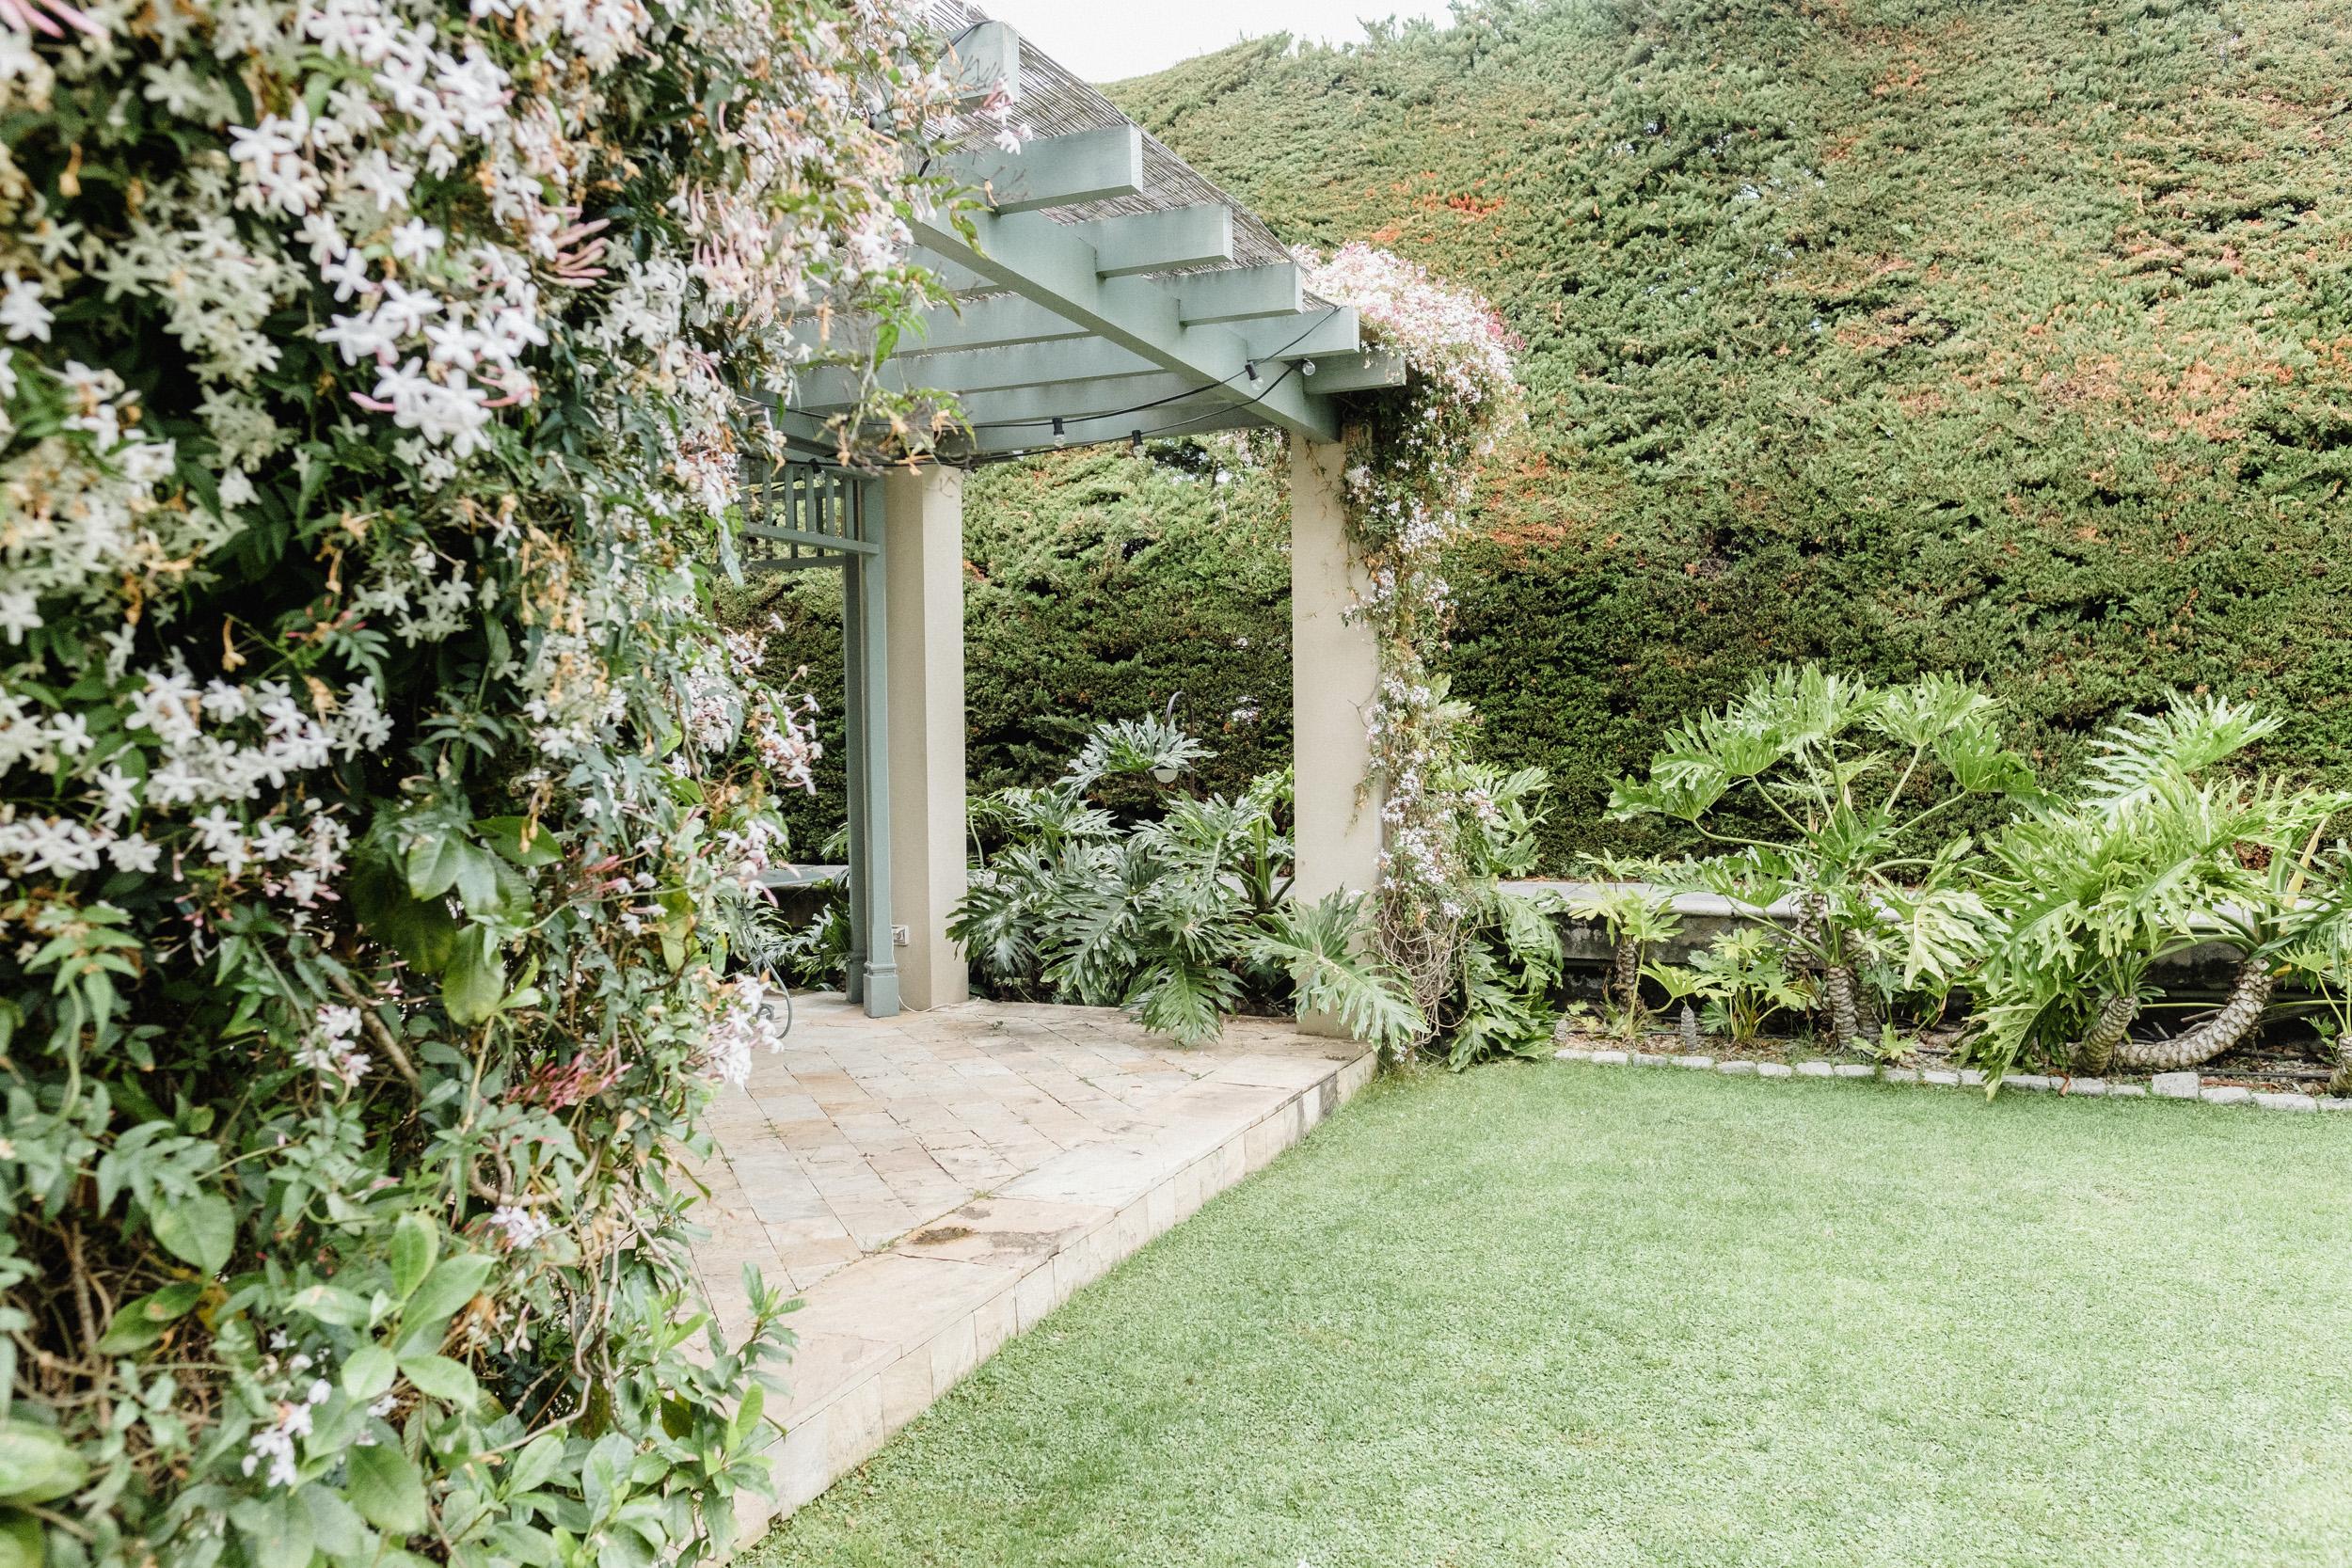 Jardines de Franchy-24.jpg